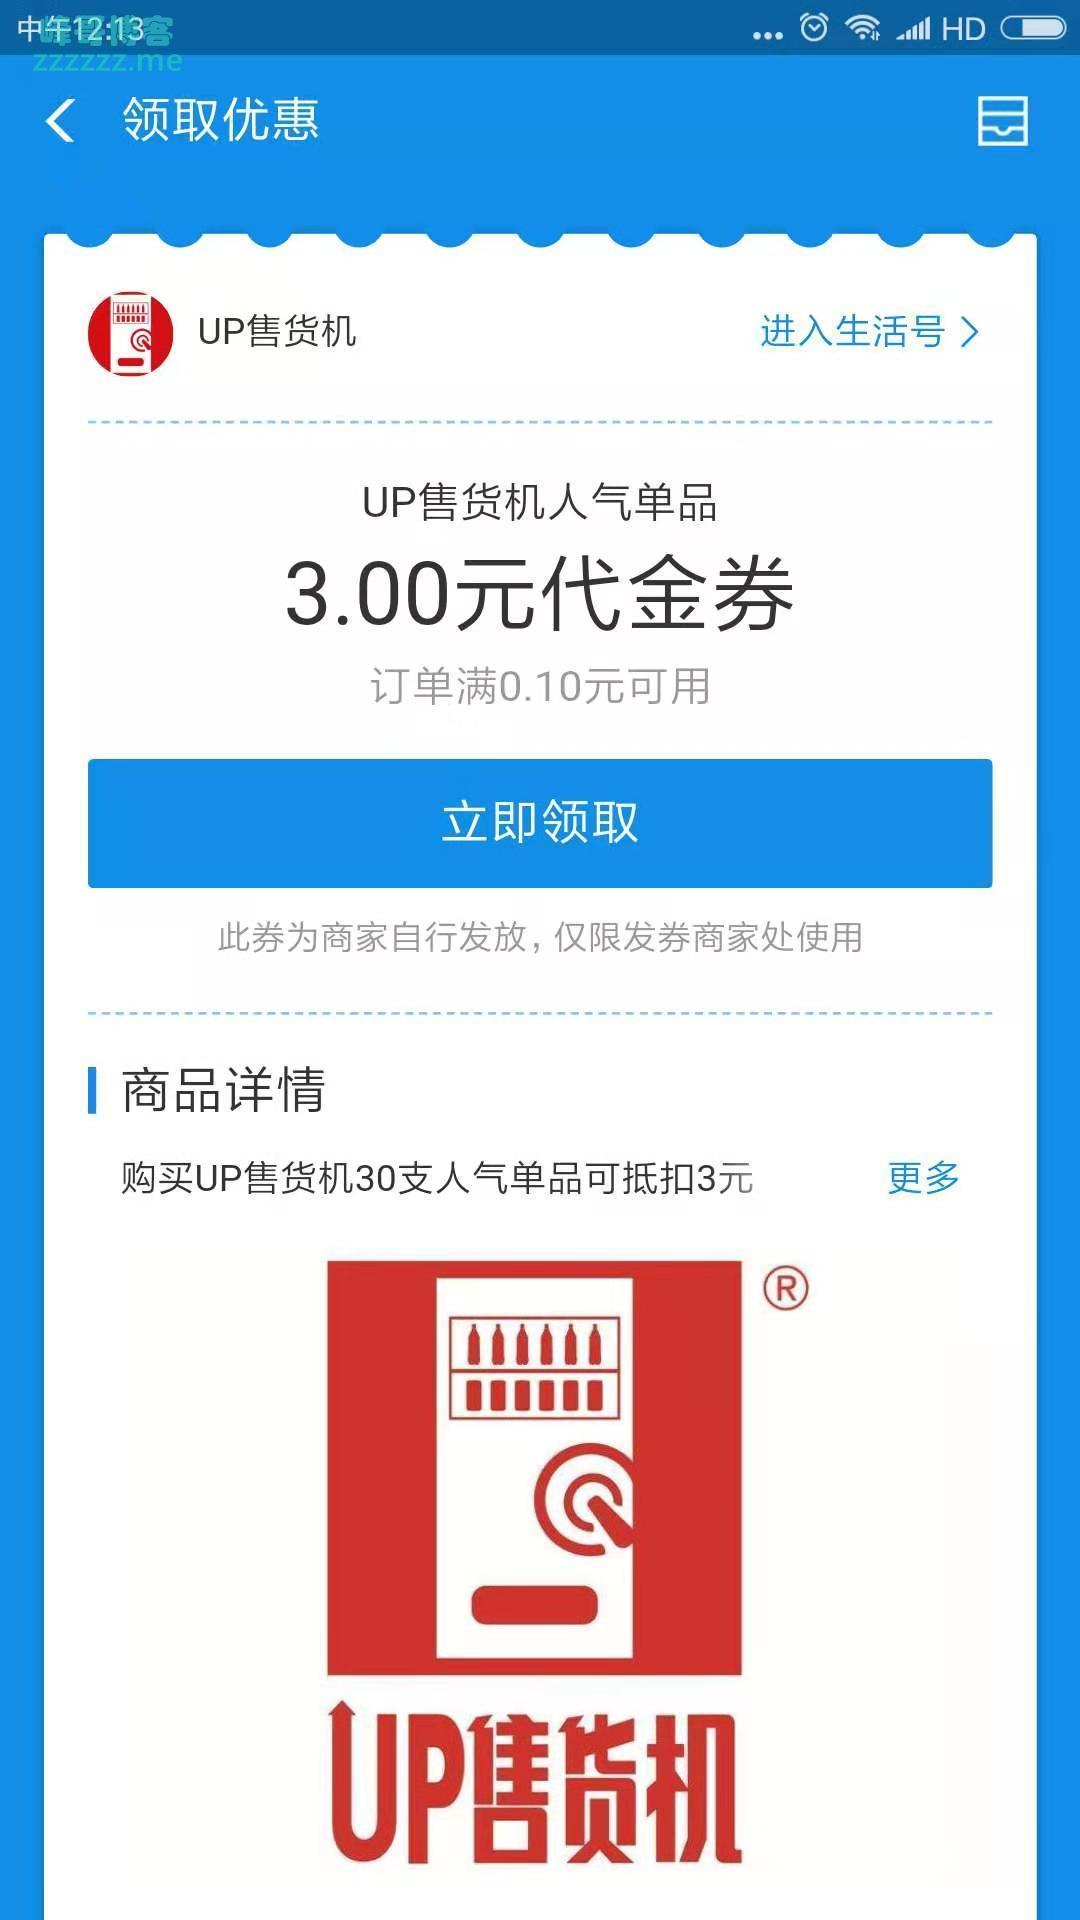 UP售货机3元支付宝代金券(截止9月16日)